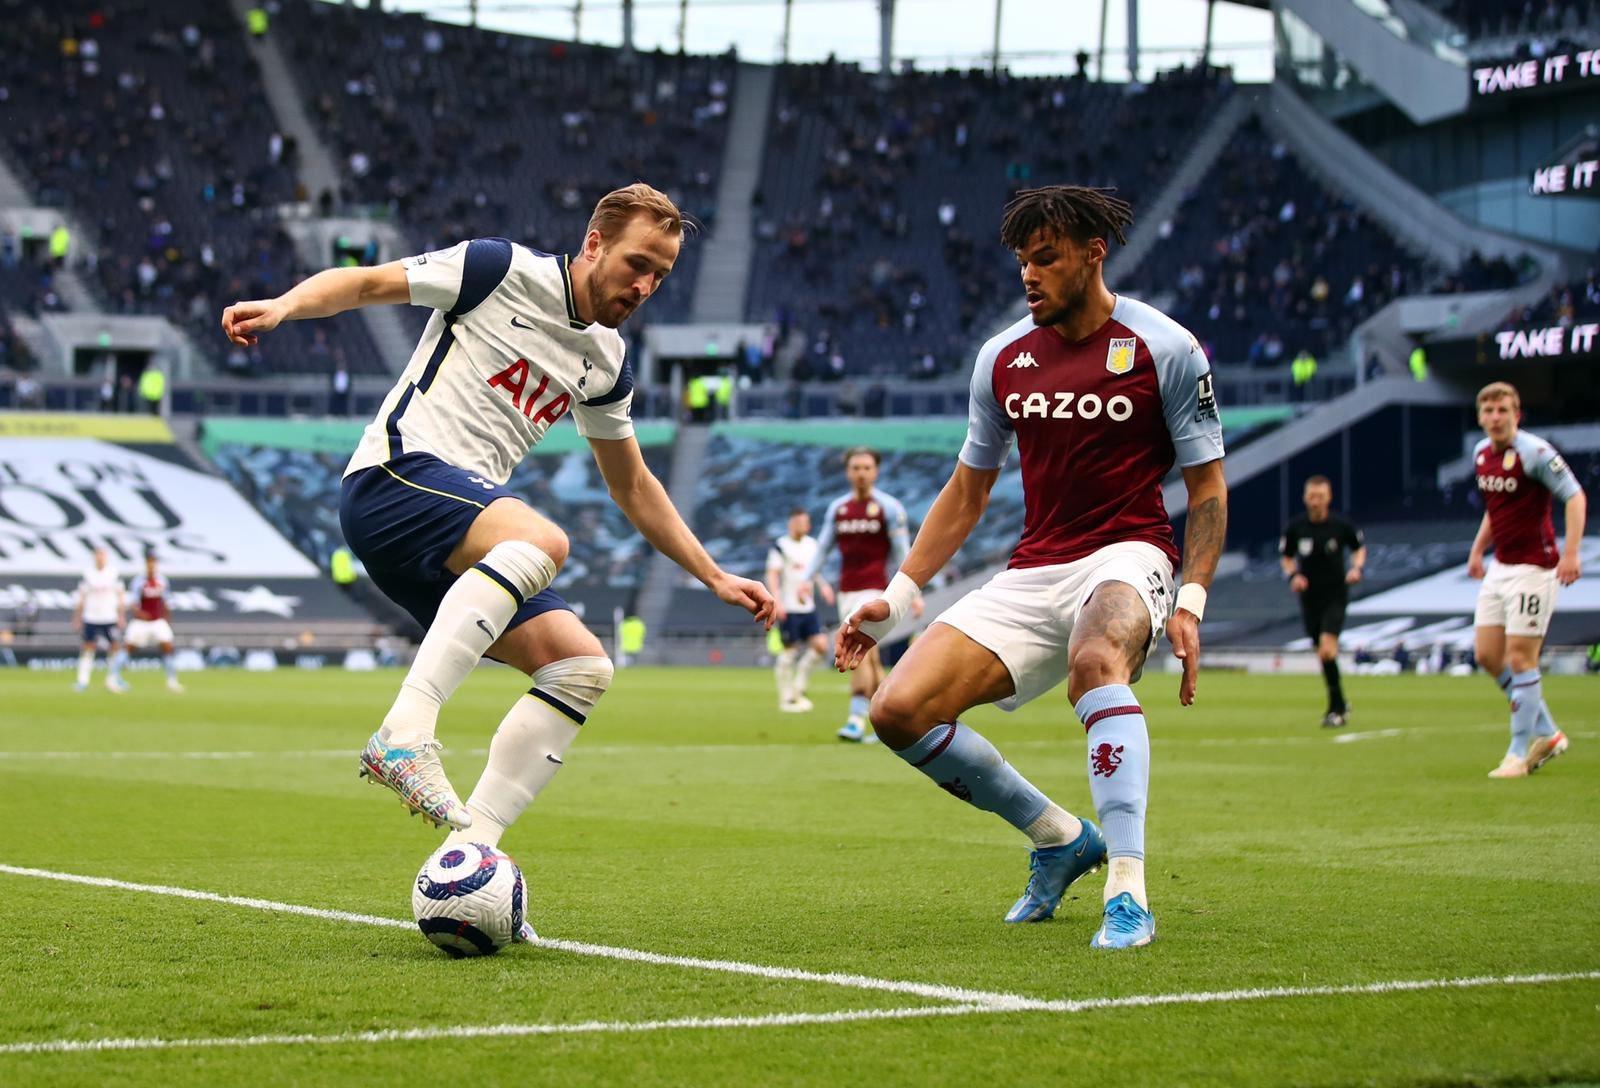 Thua Aston Villa, Tottenham nguy cơ mất vé Europa League